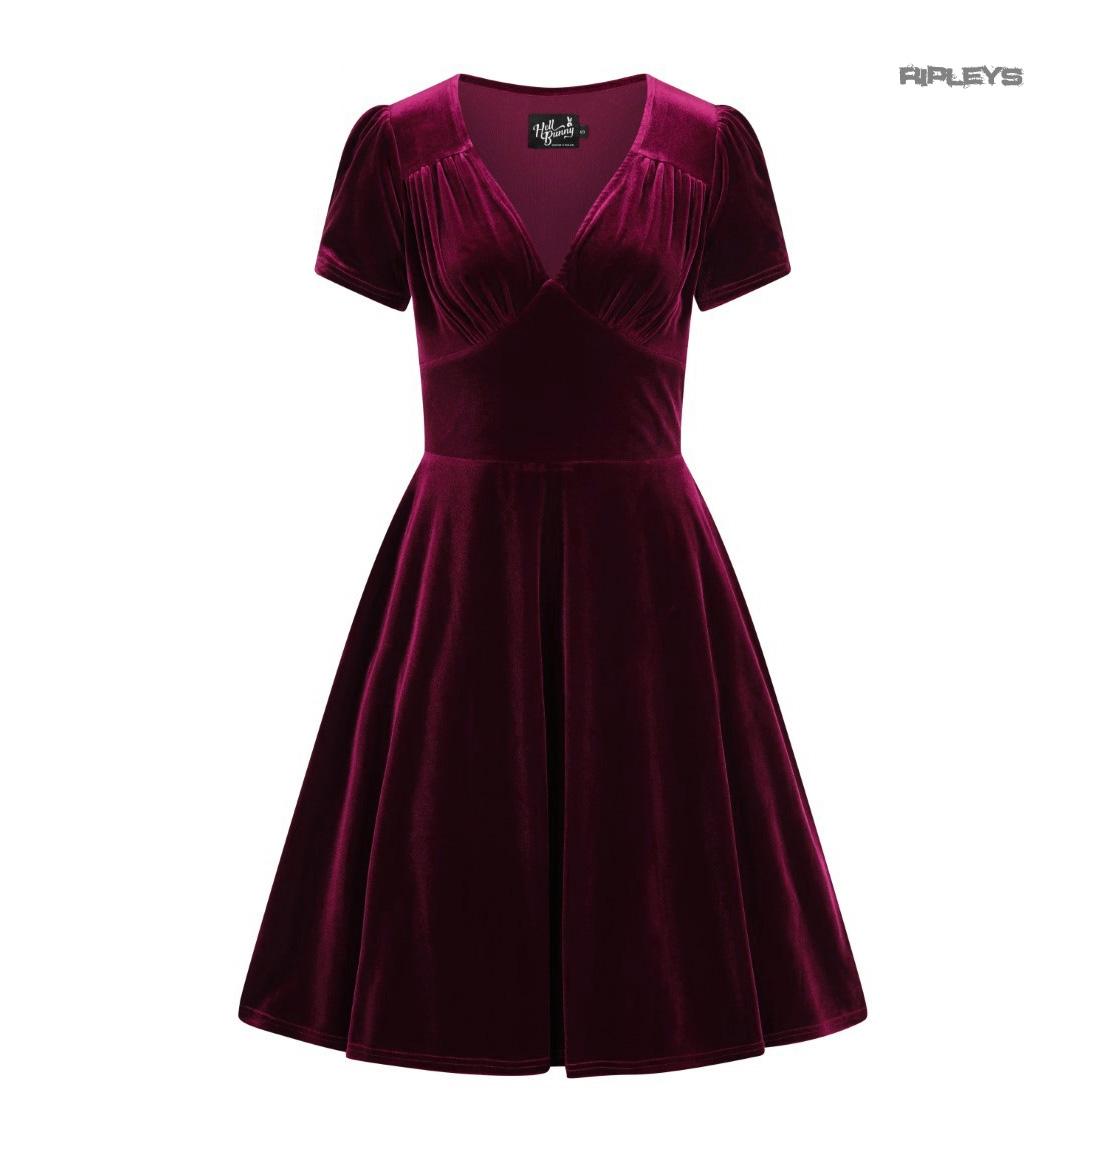 Hell-Bunny-40s-50s-Elegant-Pin-Up-Dress-JOANNE-Crushed-Velvet-Burgundy-All-Sizes thumbnail 34